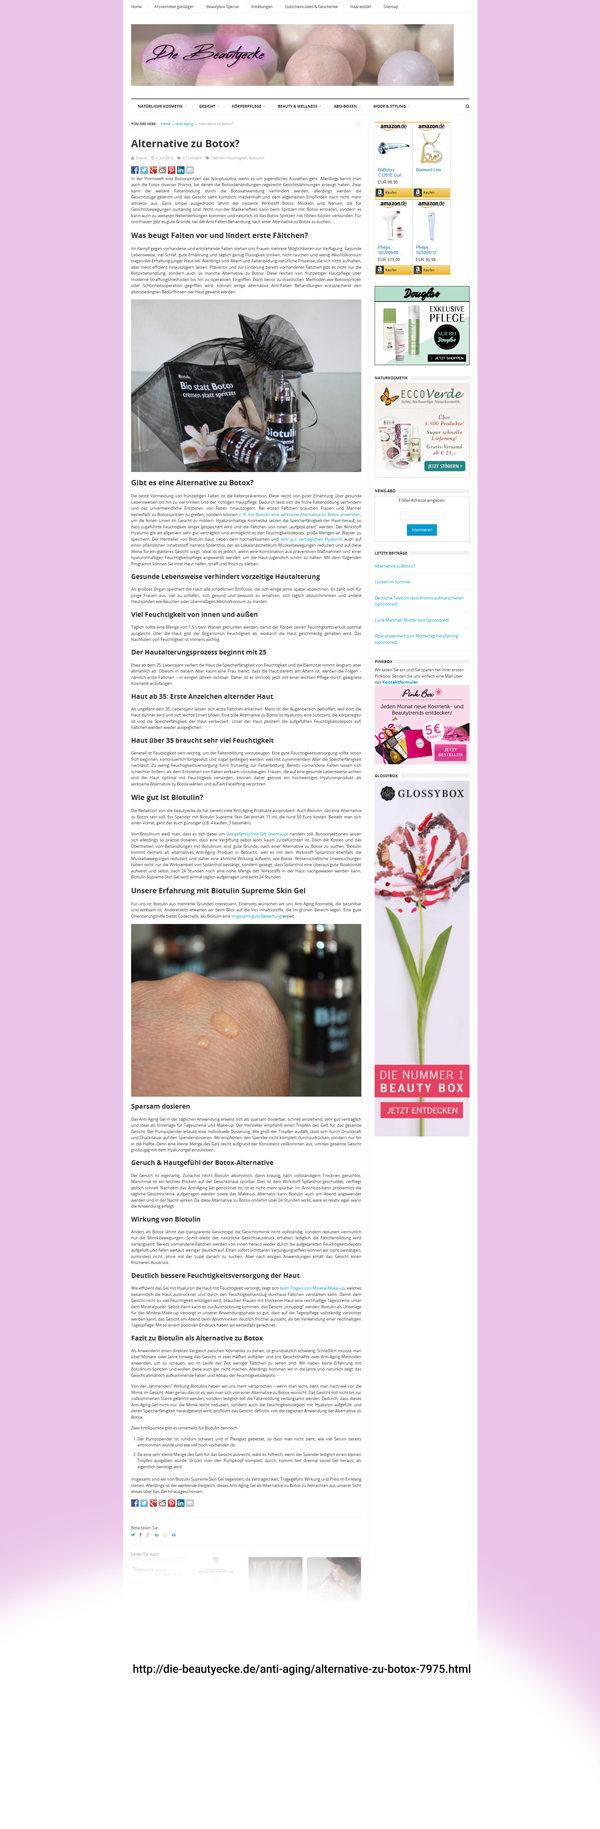 Biotulin Empfehlung Beautycecke